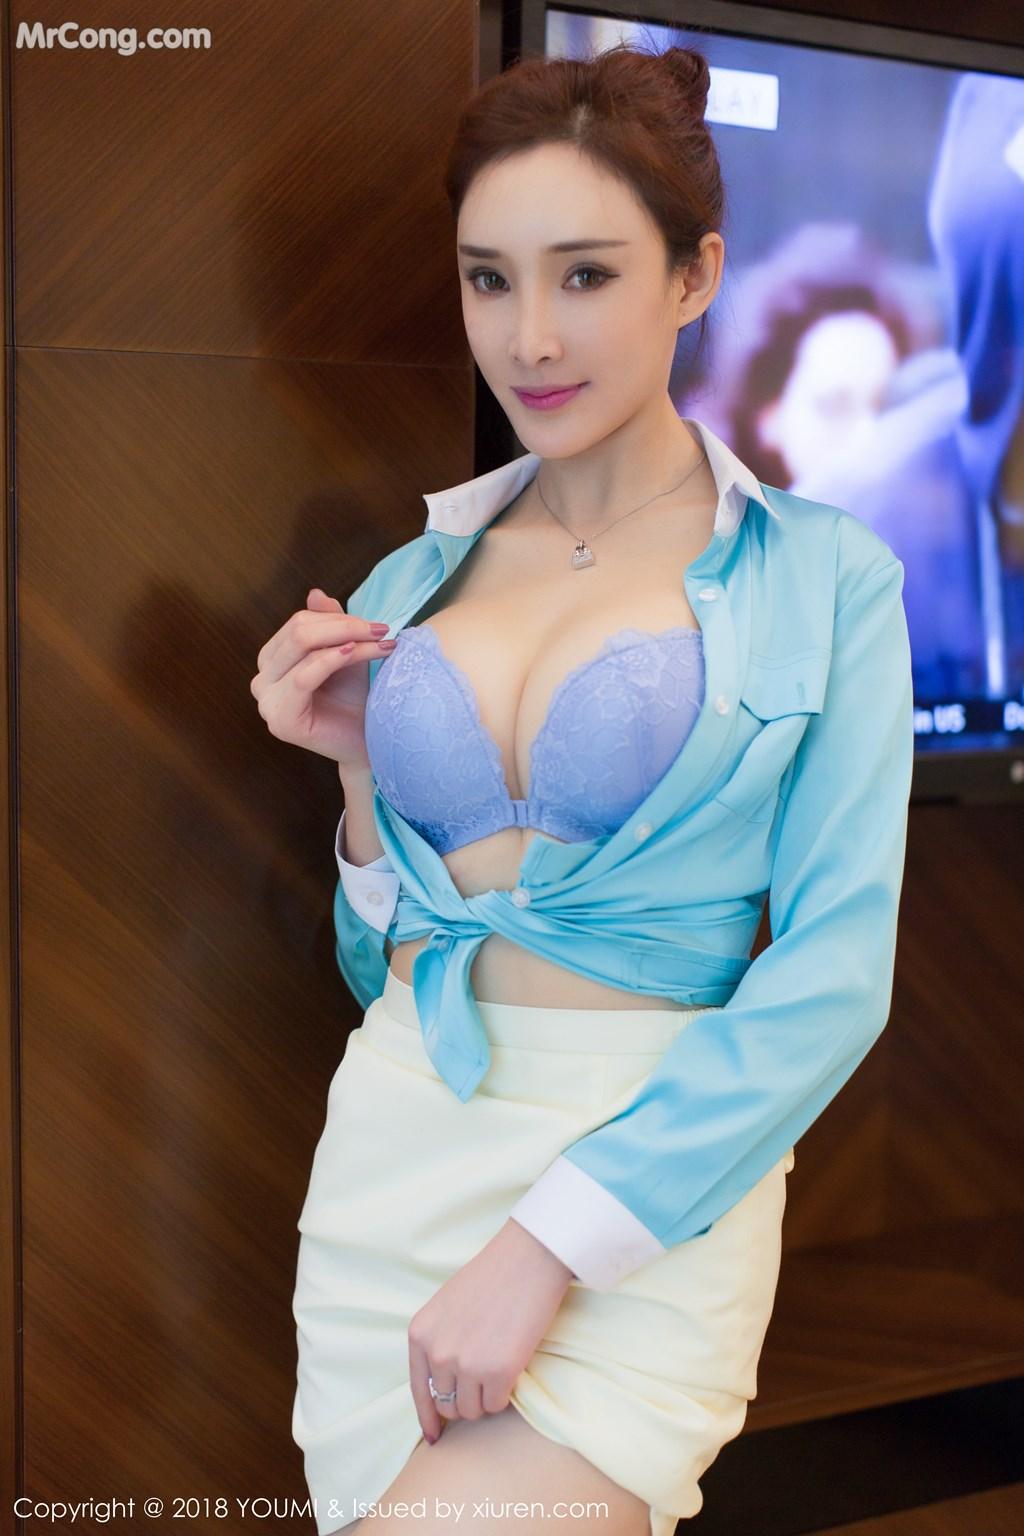 Image YouMi-Vol.112-Tu-Fei-Yuan-Ai-Cuo-Qiong-MrCong.com-042 in post YouMi Vol.112: Người mẫu 土肥圆矮挫穷 (51 ảnh)